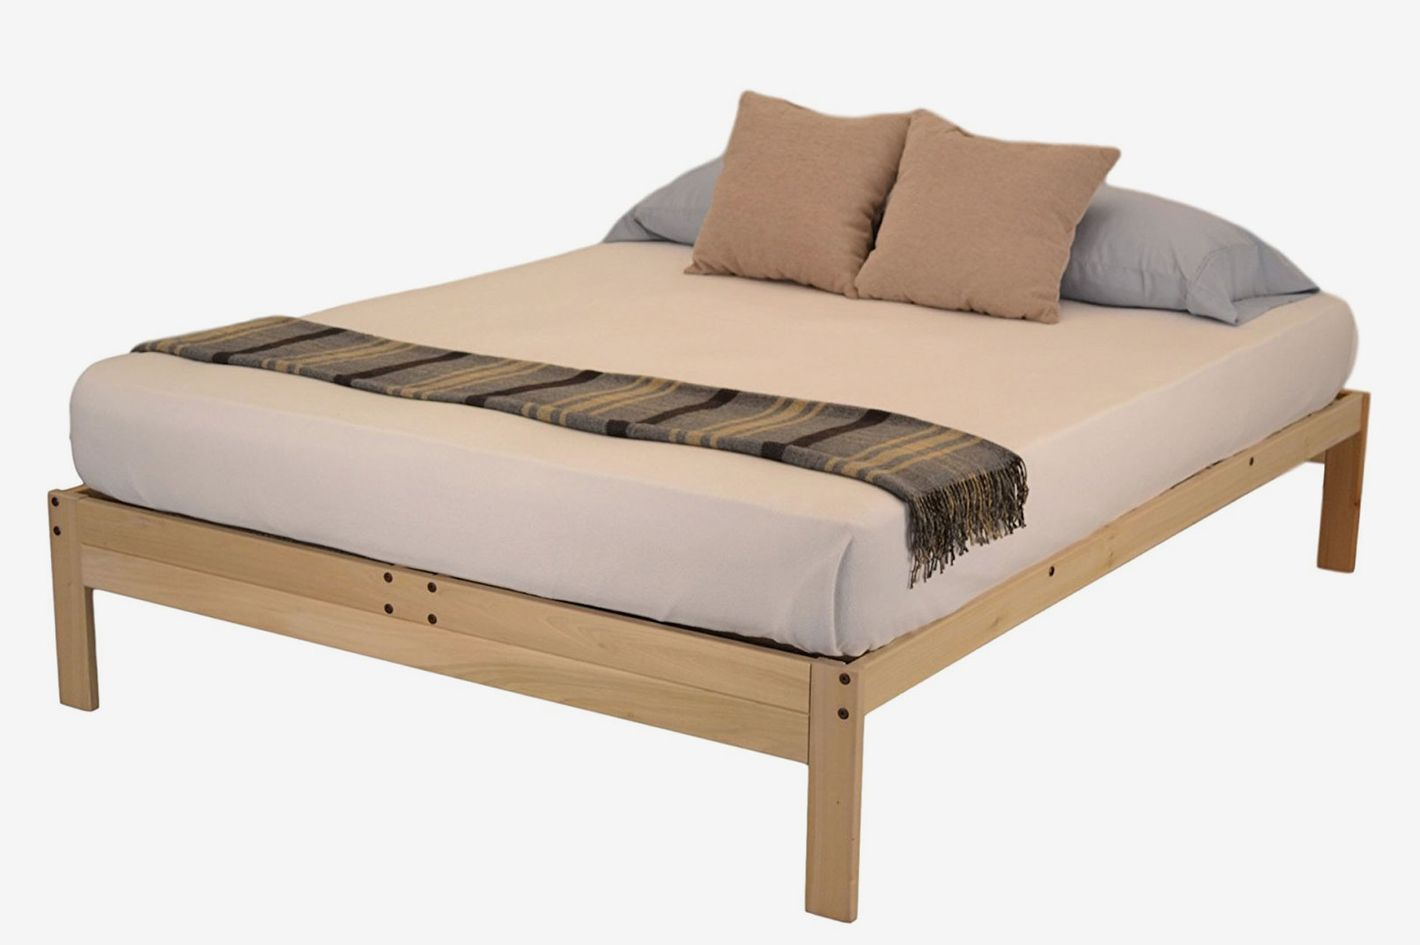 KD Frames Nomad 2 Platform Bed, Queen